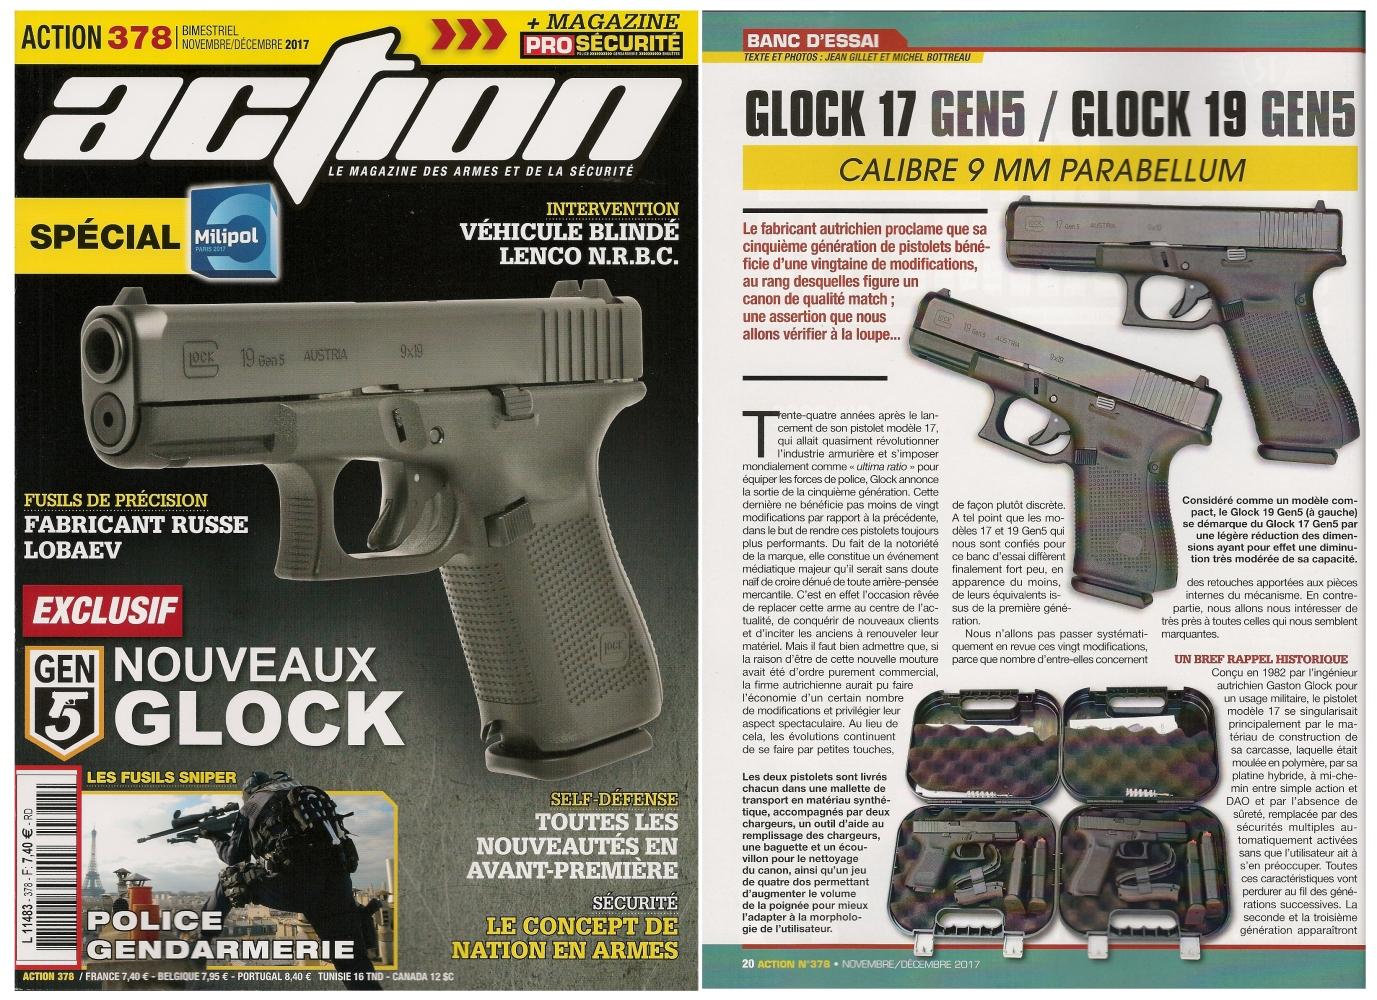 Le banc d'essai des pistolets Glock modèles 17 Gen5 et 19 Gen5 a été publié sur 7 pages dans le magazine Action n° 378 (novembre/décembre 2017).